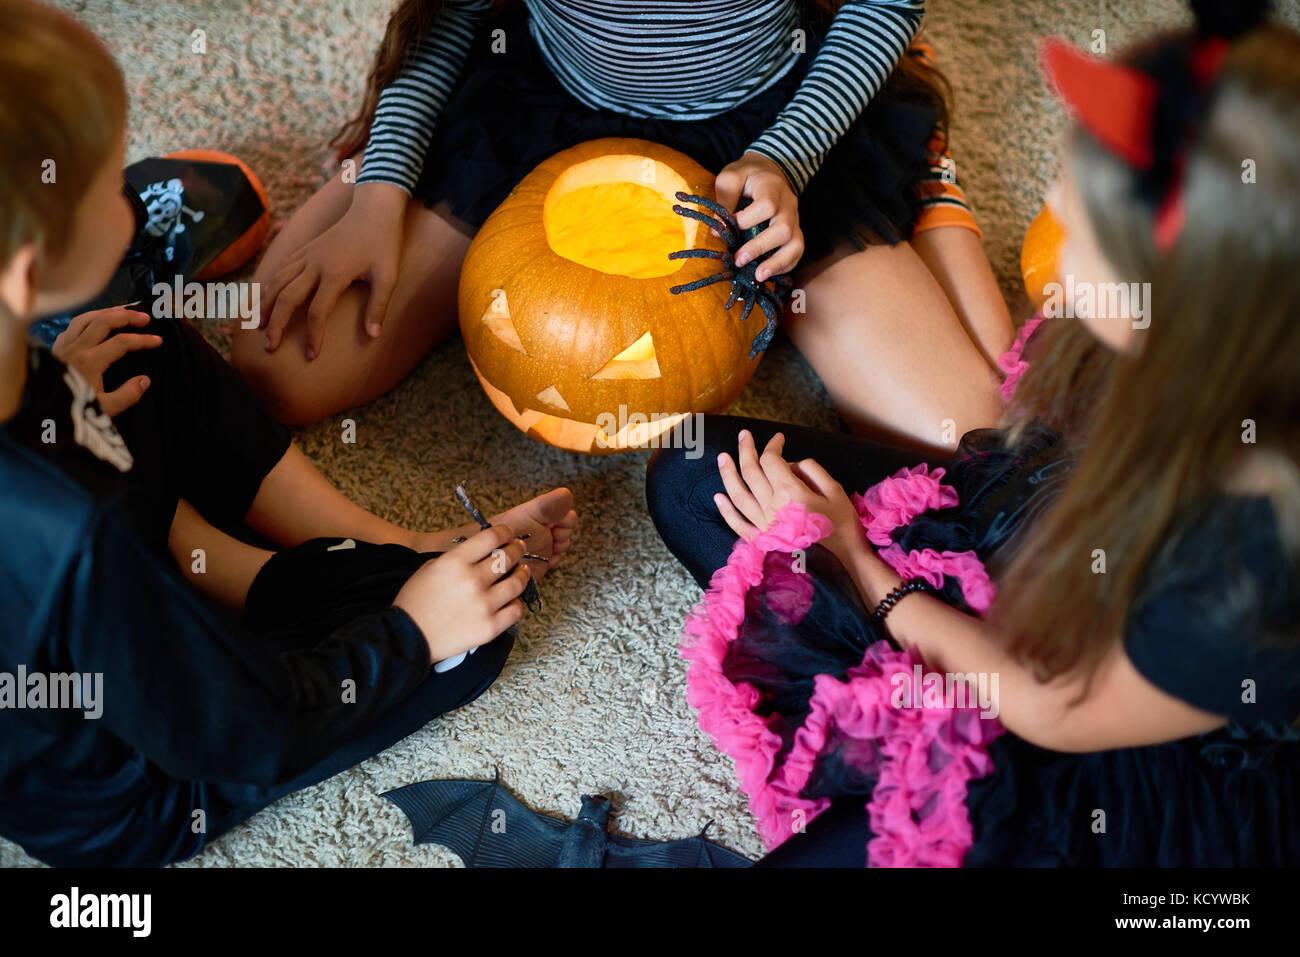 Al di sopra di vista di tre bambini che indossano costumi di Halloween la riproduzione di rito magico con zucca Immagini Stock